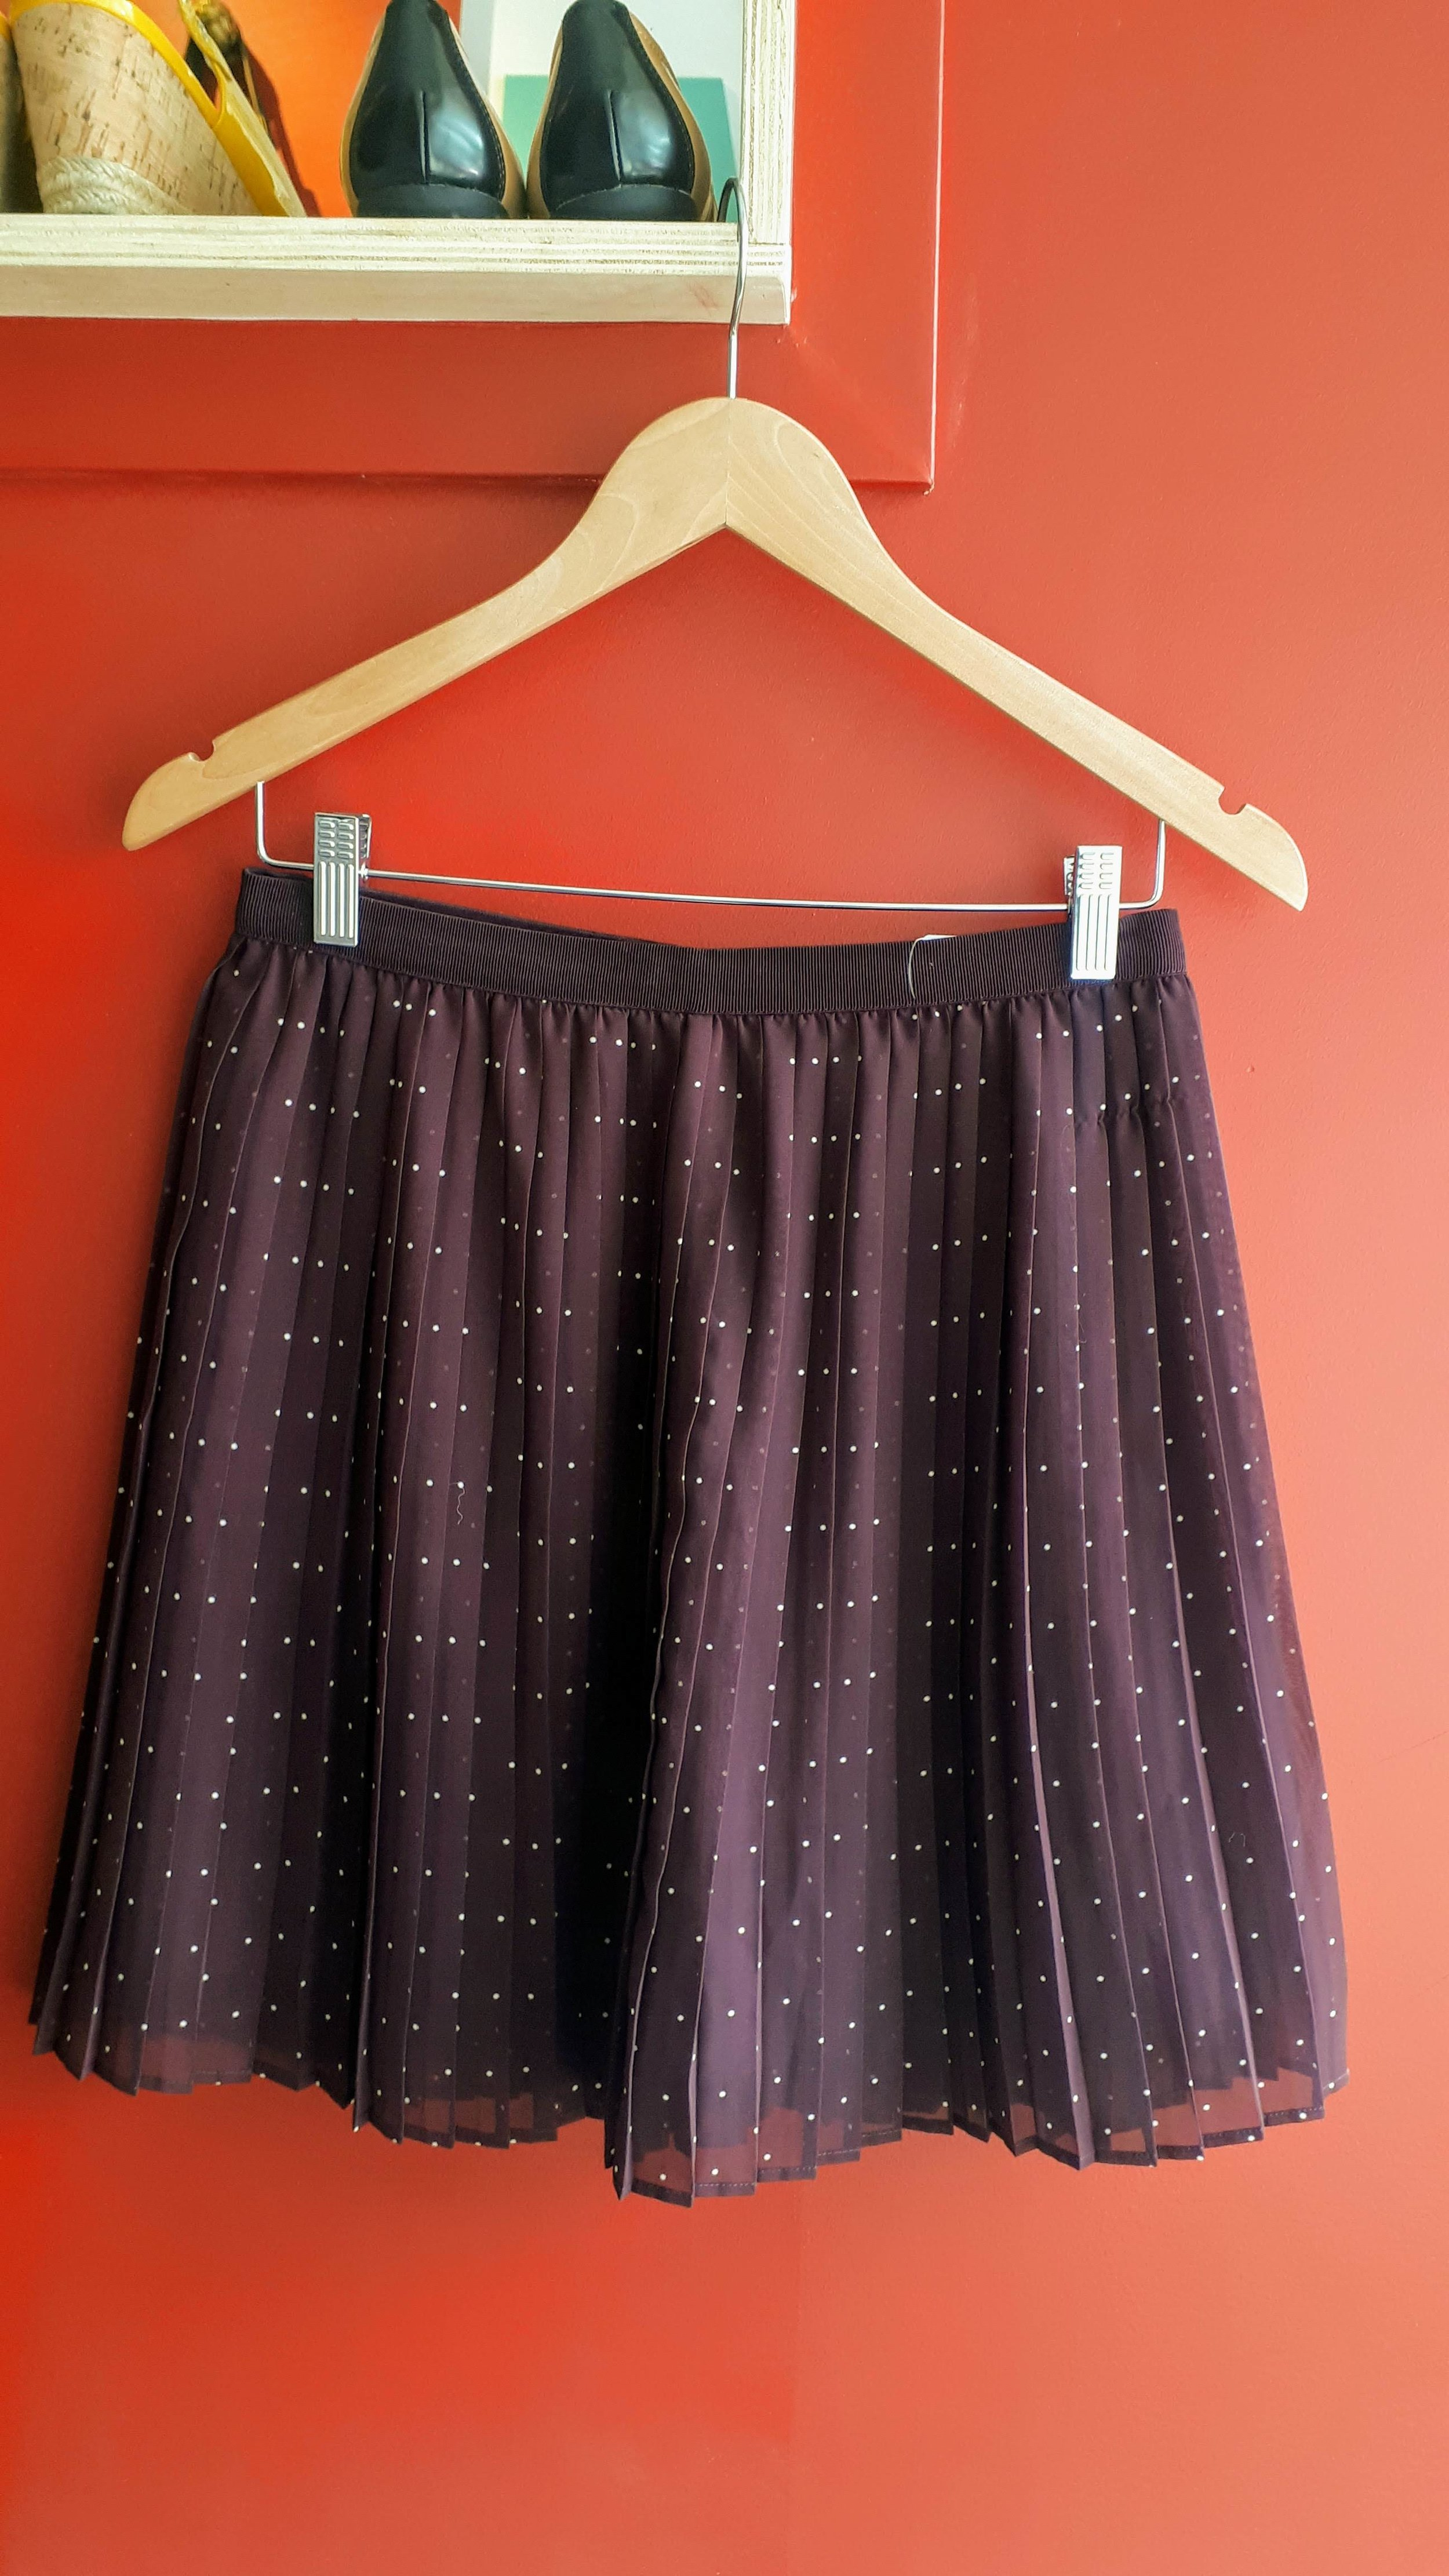 Uniqlo skirt; Size 4, $18